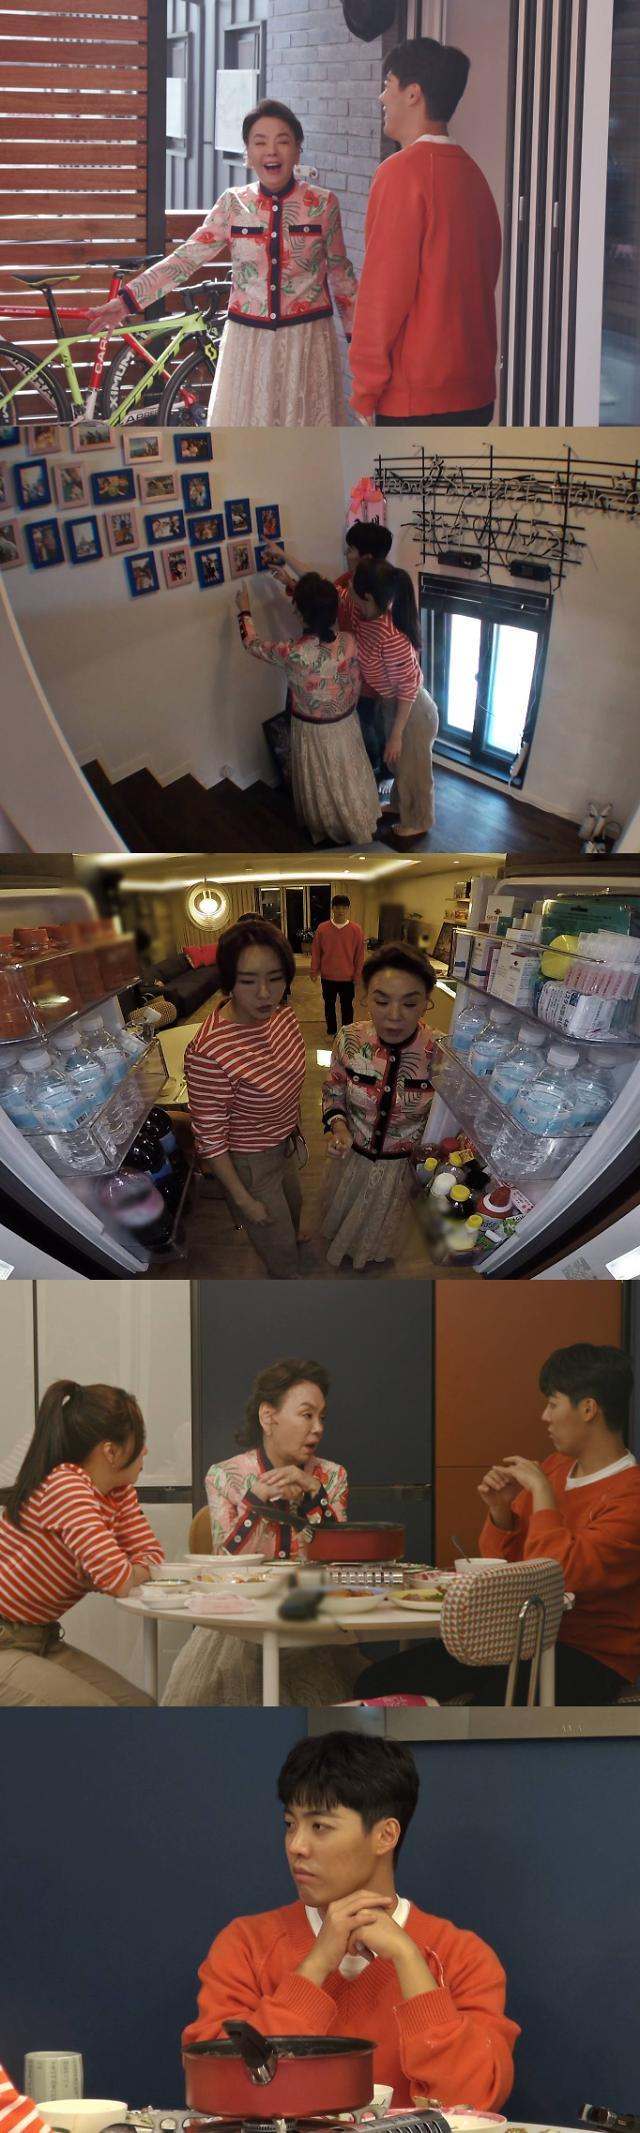 '동상이몽 시즌 2 - 너는 내 운명, 배우 김수미, 강남♥이상화 신혼집 방문